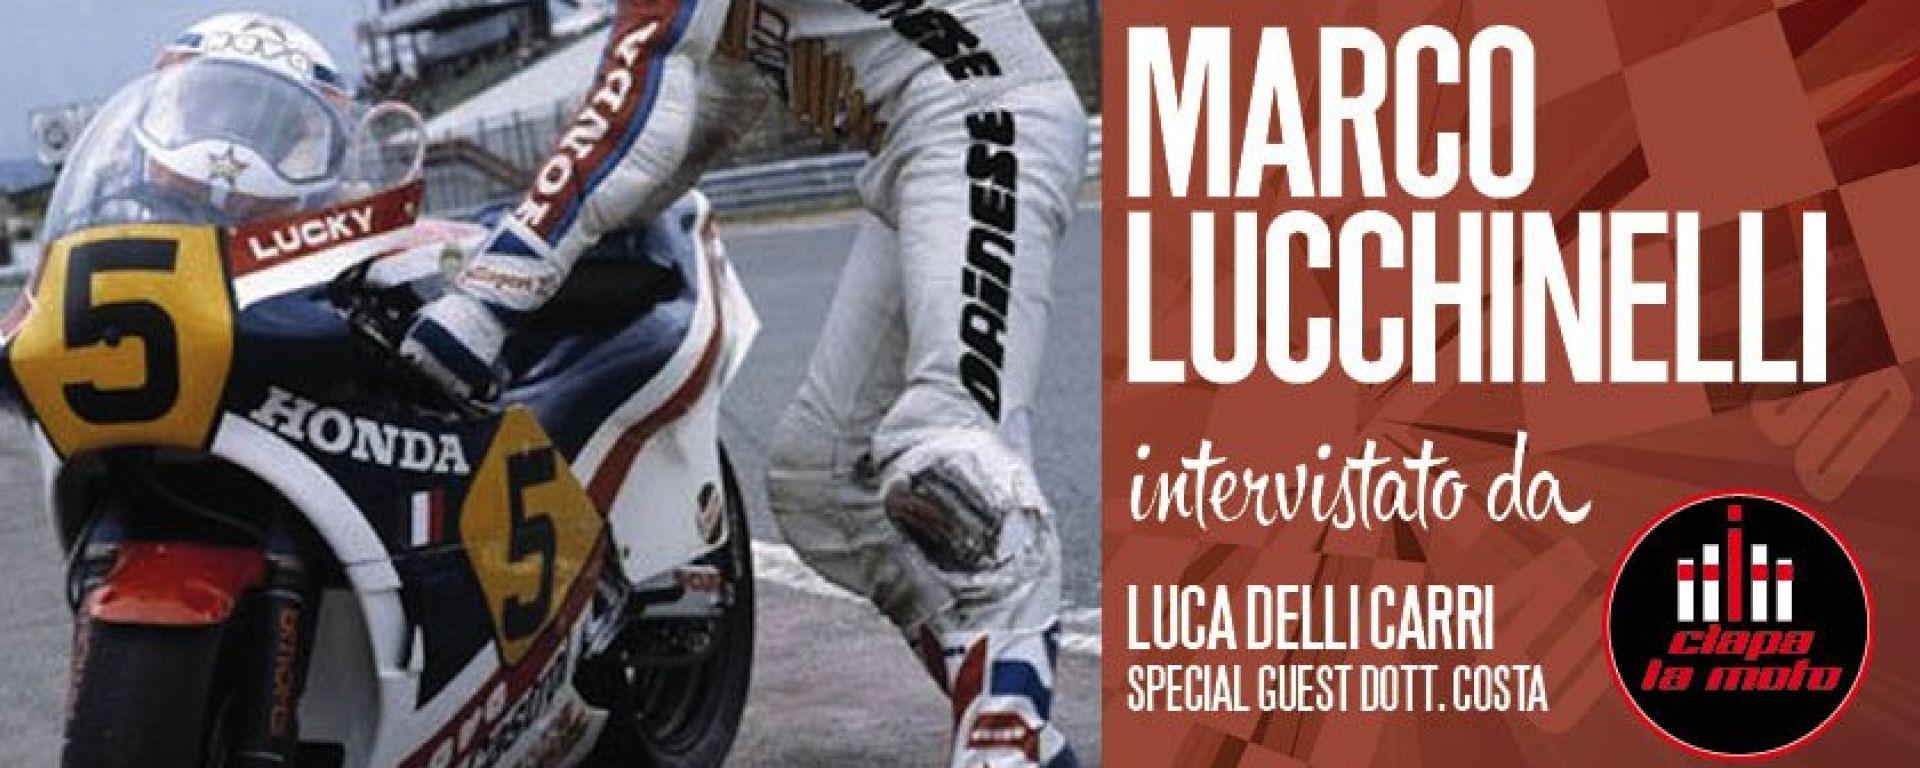 Rider Talks: Marco Lucchinelli si racconta da Ciapa La Moto